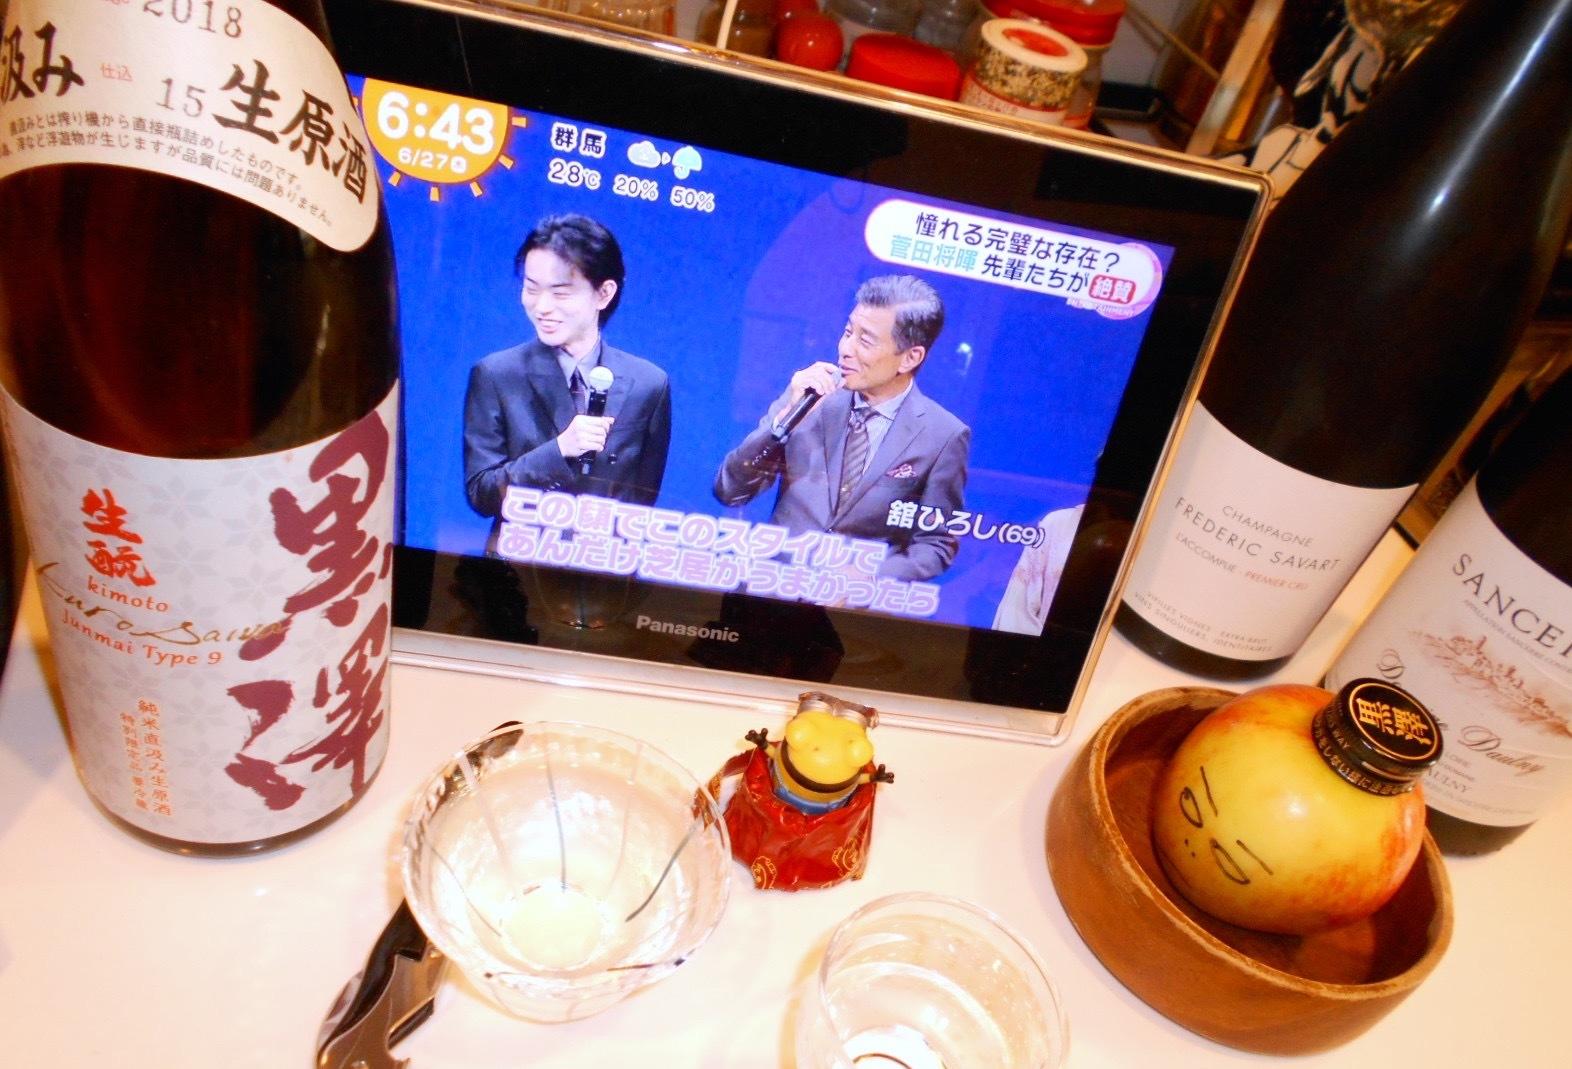 kurosawa_type9_30by3_8.jpg